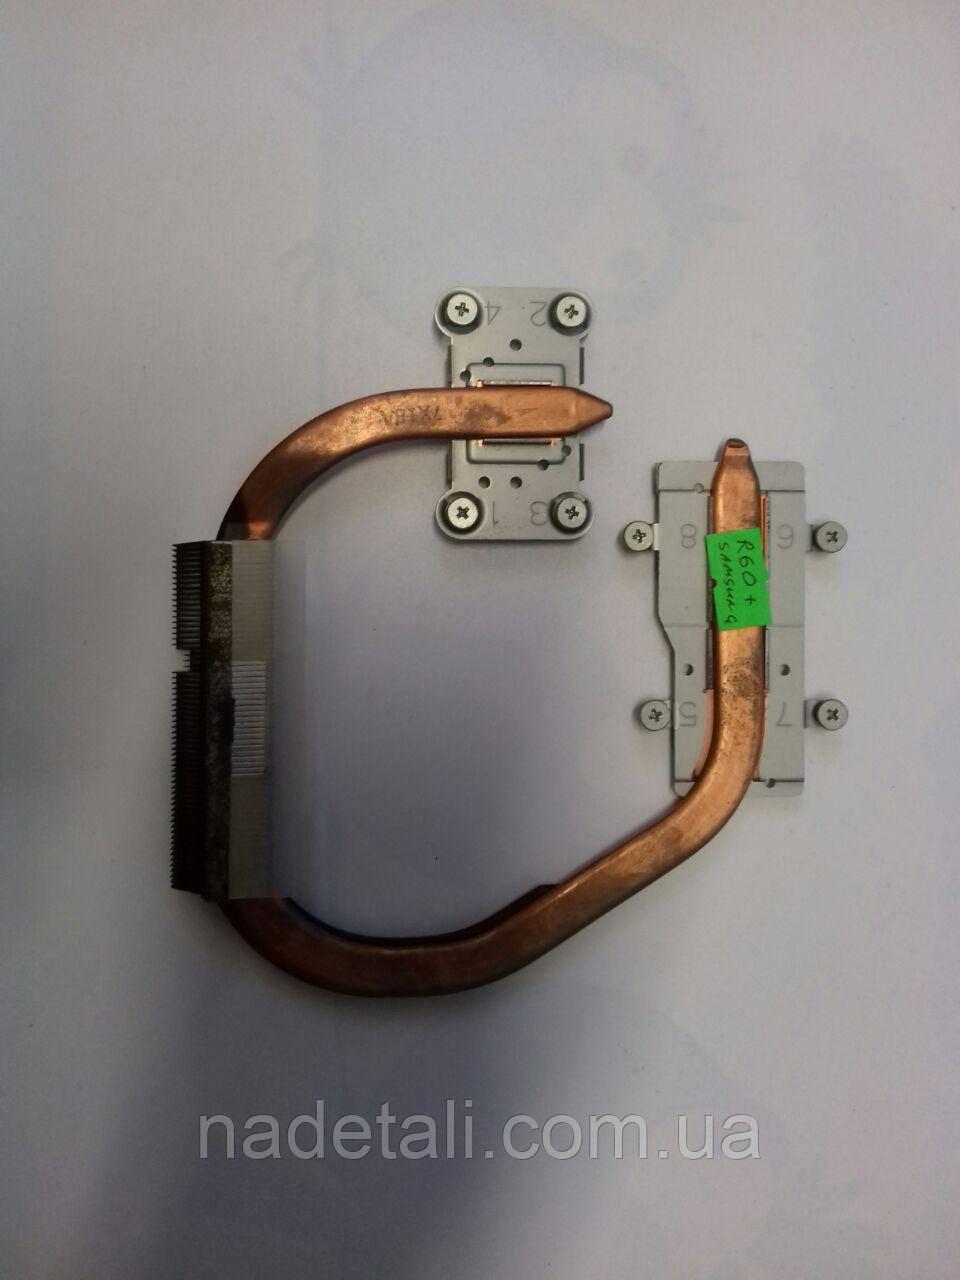 Система охлаждения Samsung R60 DiS BA62-00447B